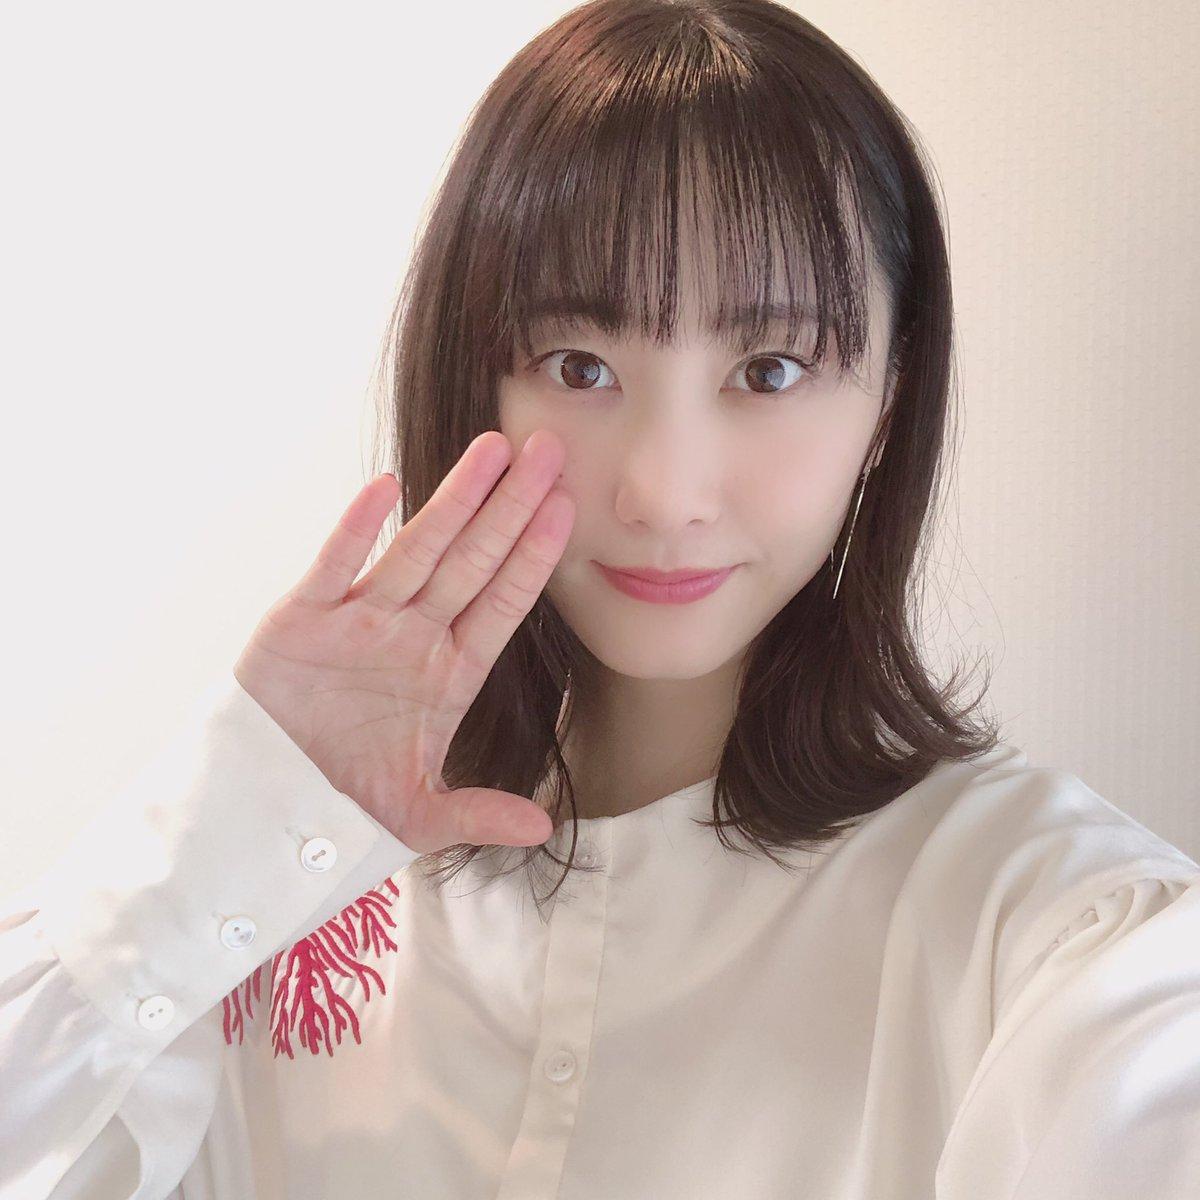 松井玲奈の衣装